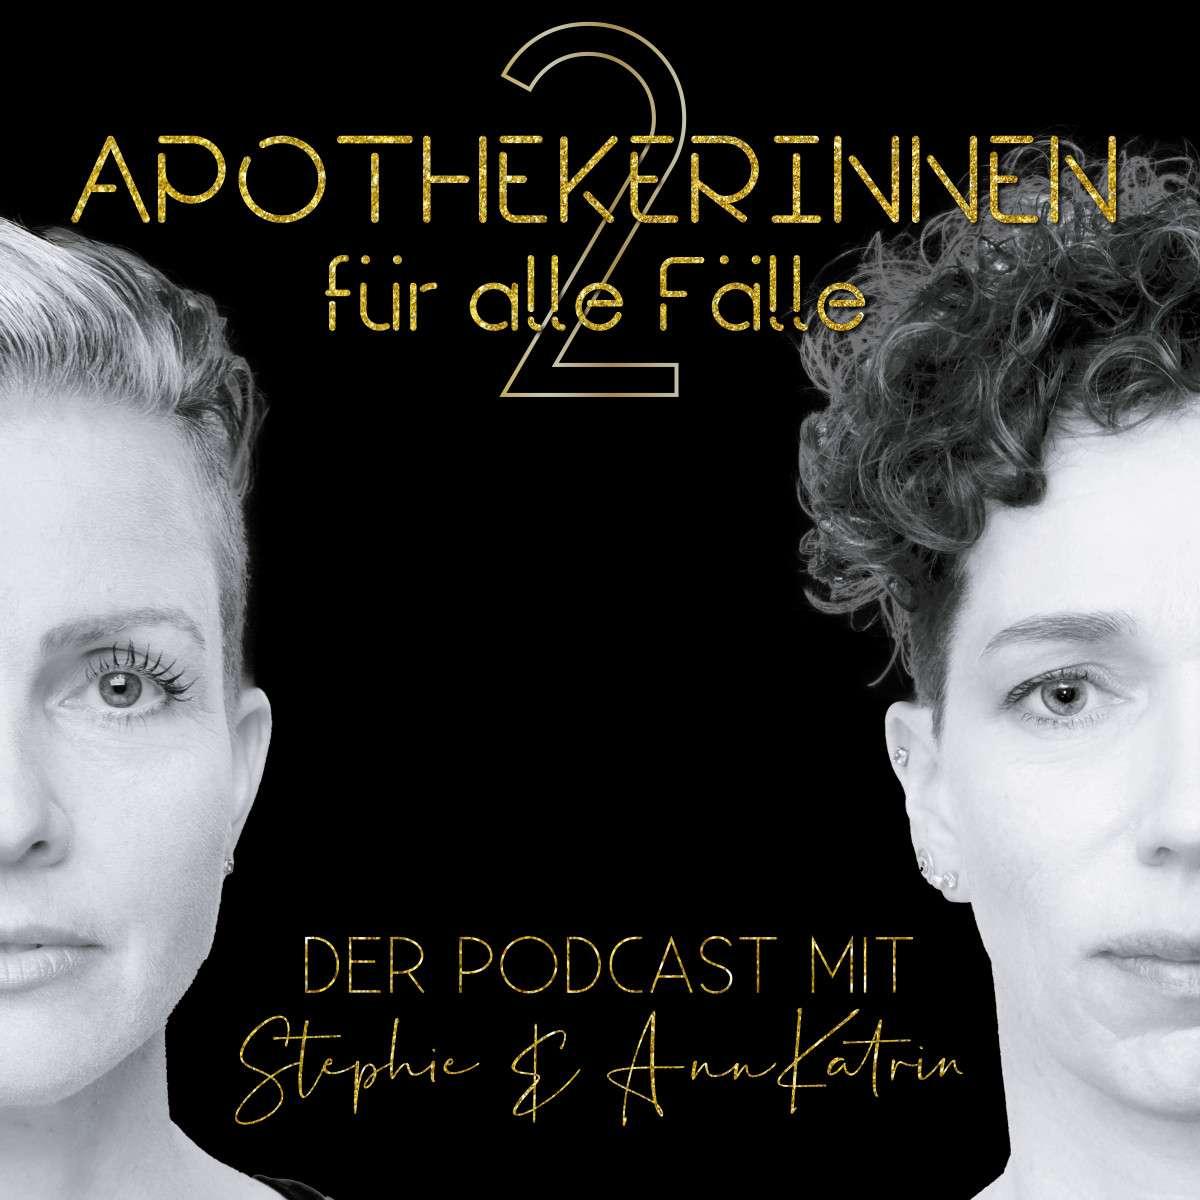 2 Apothekerinnen für alle Fälle, Podcast Gesundheit neu erleben, Podcast 2 Apothekerinnen für alle Fälle